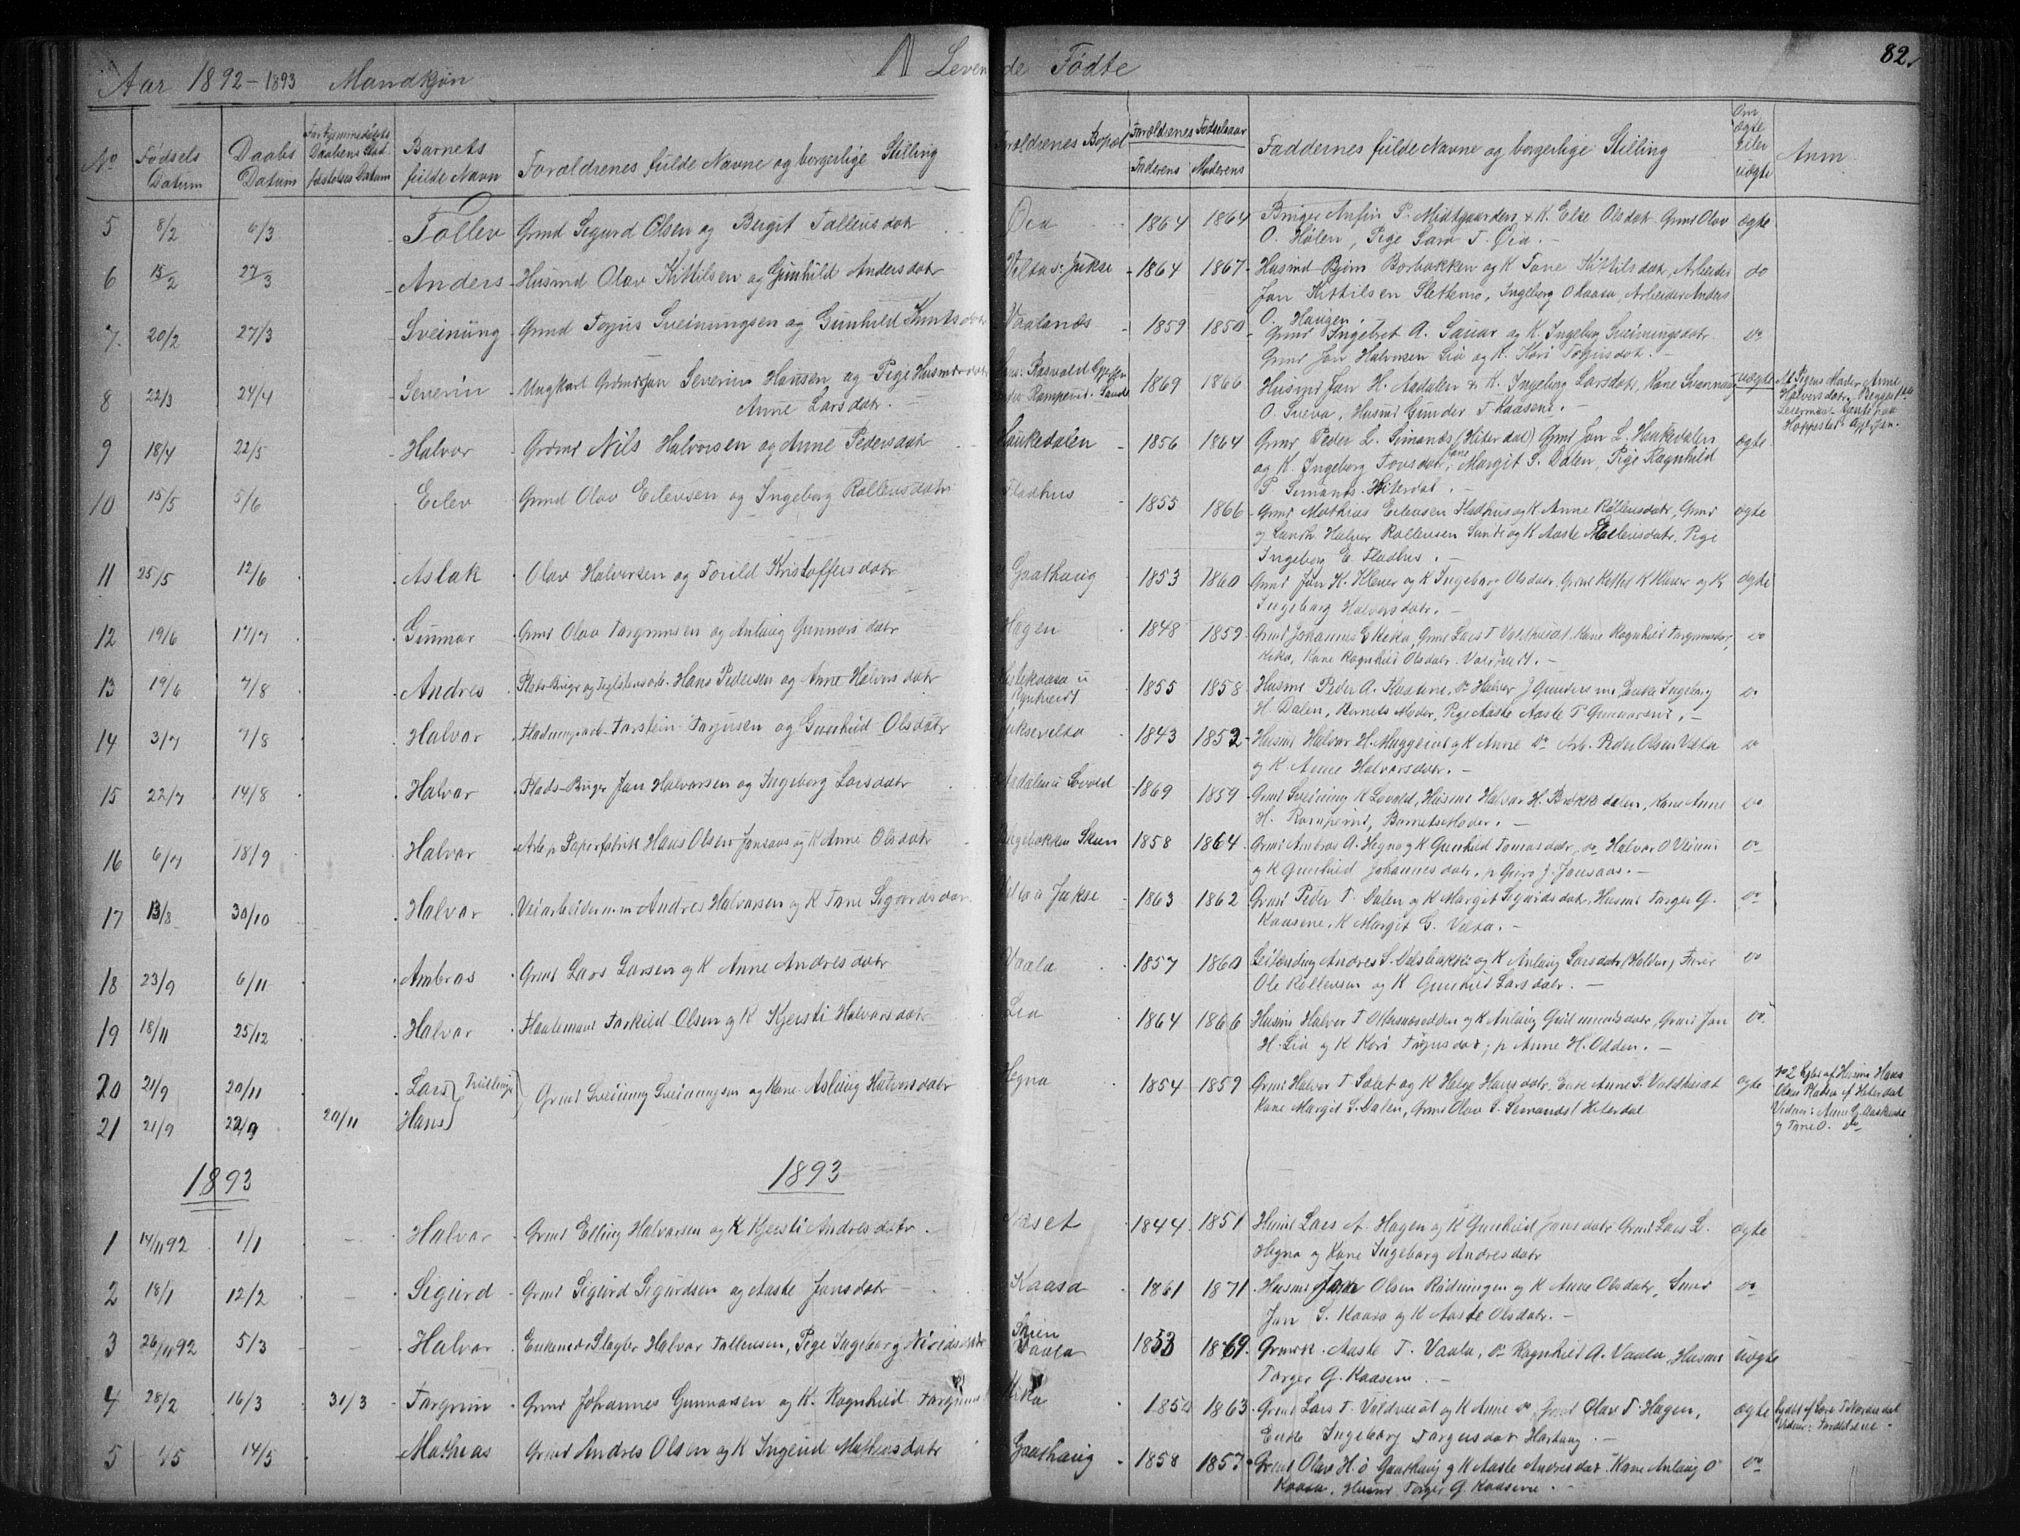 SAKO, Sauherad kirkebøker, G/Ga/L0003: Klokkerbok nr. I 3, 1866-1905, s. 82